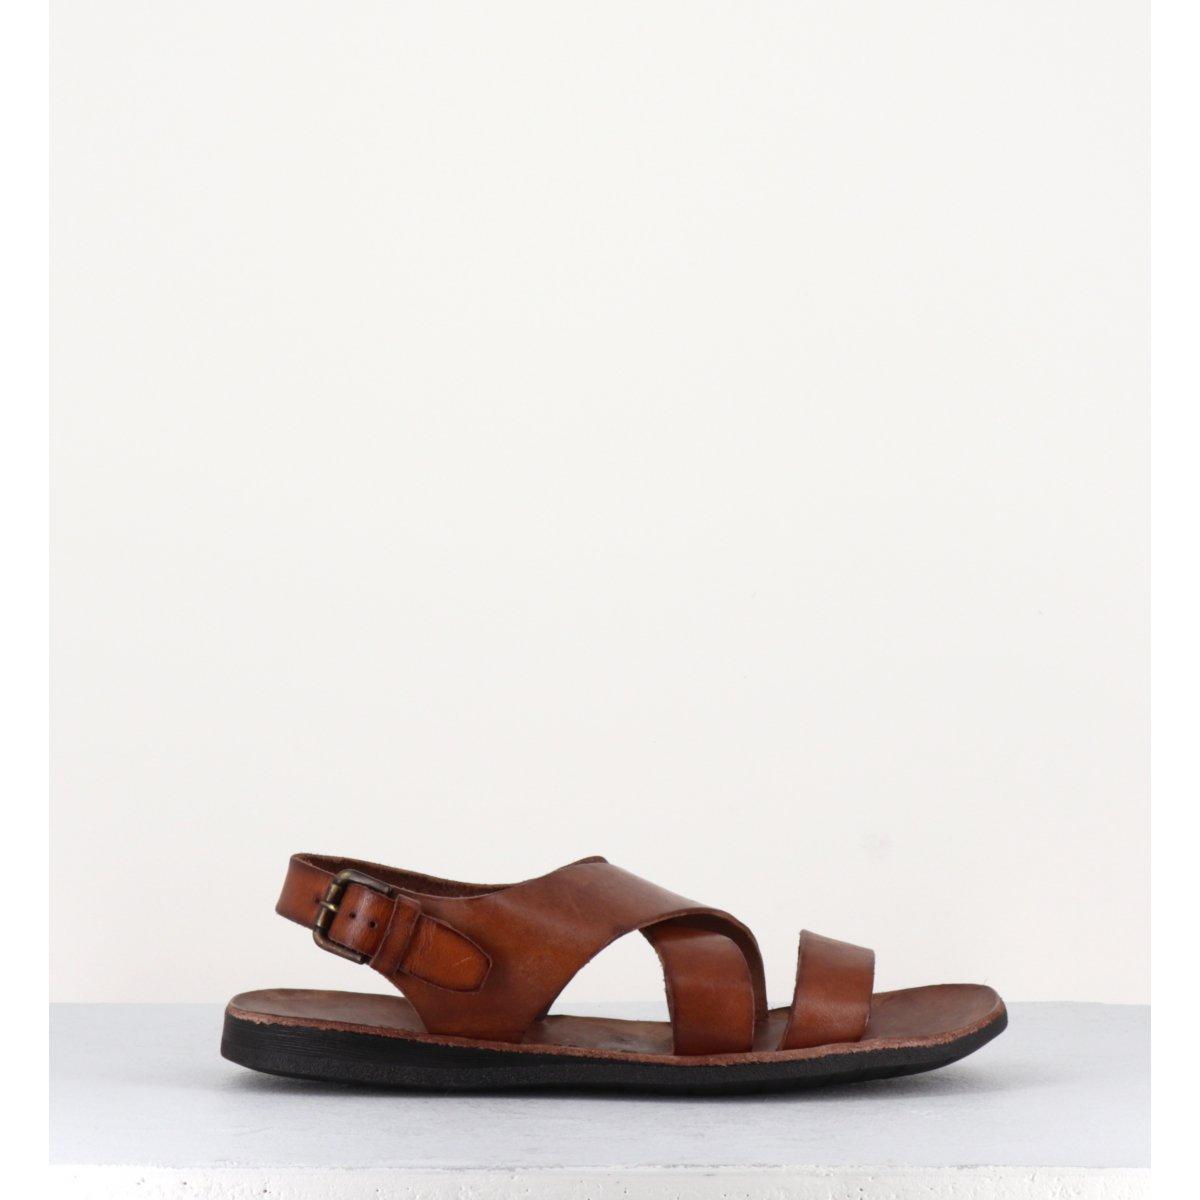 Sandales en cuir camel pour hommes Brador Shoes - CLOSE 46518